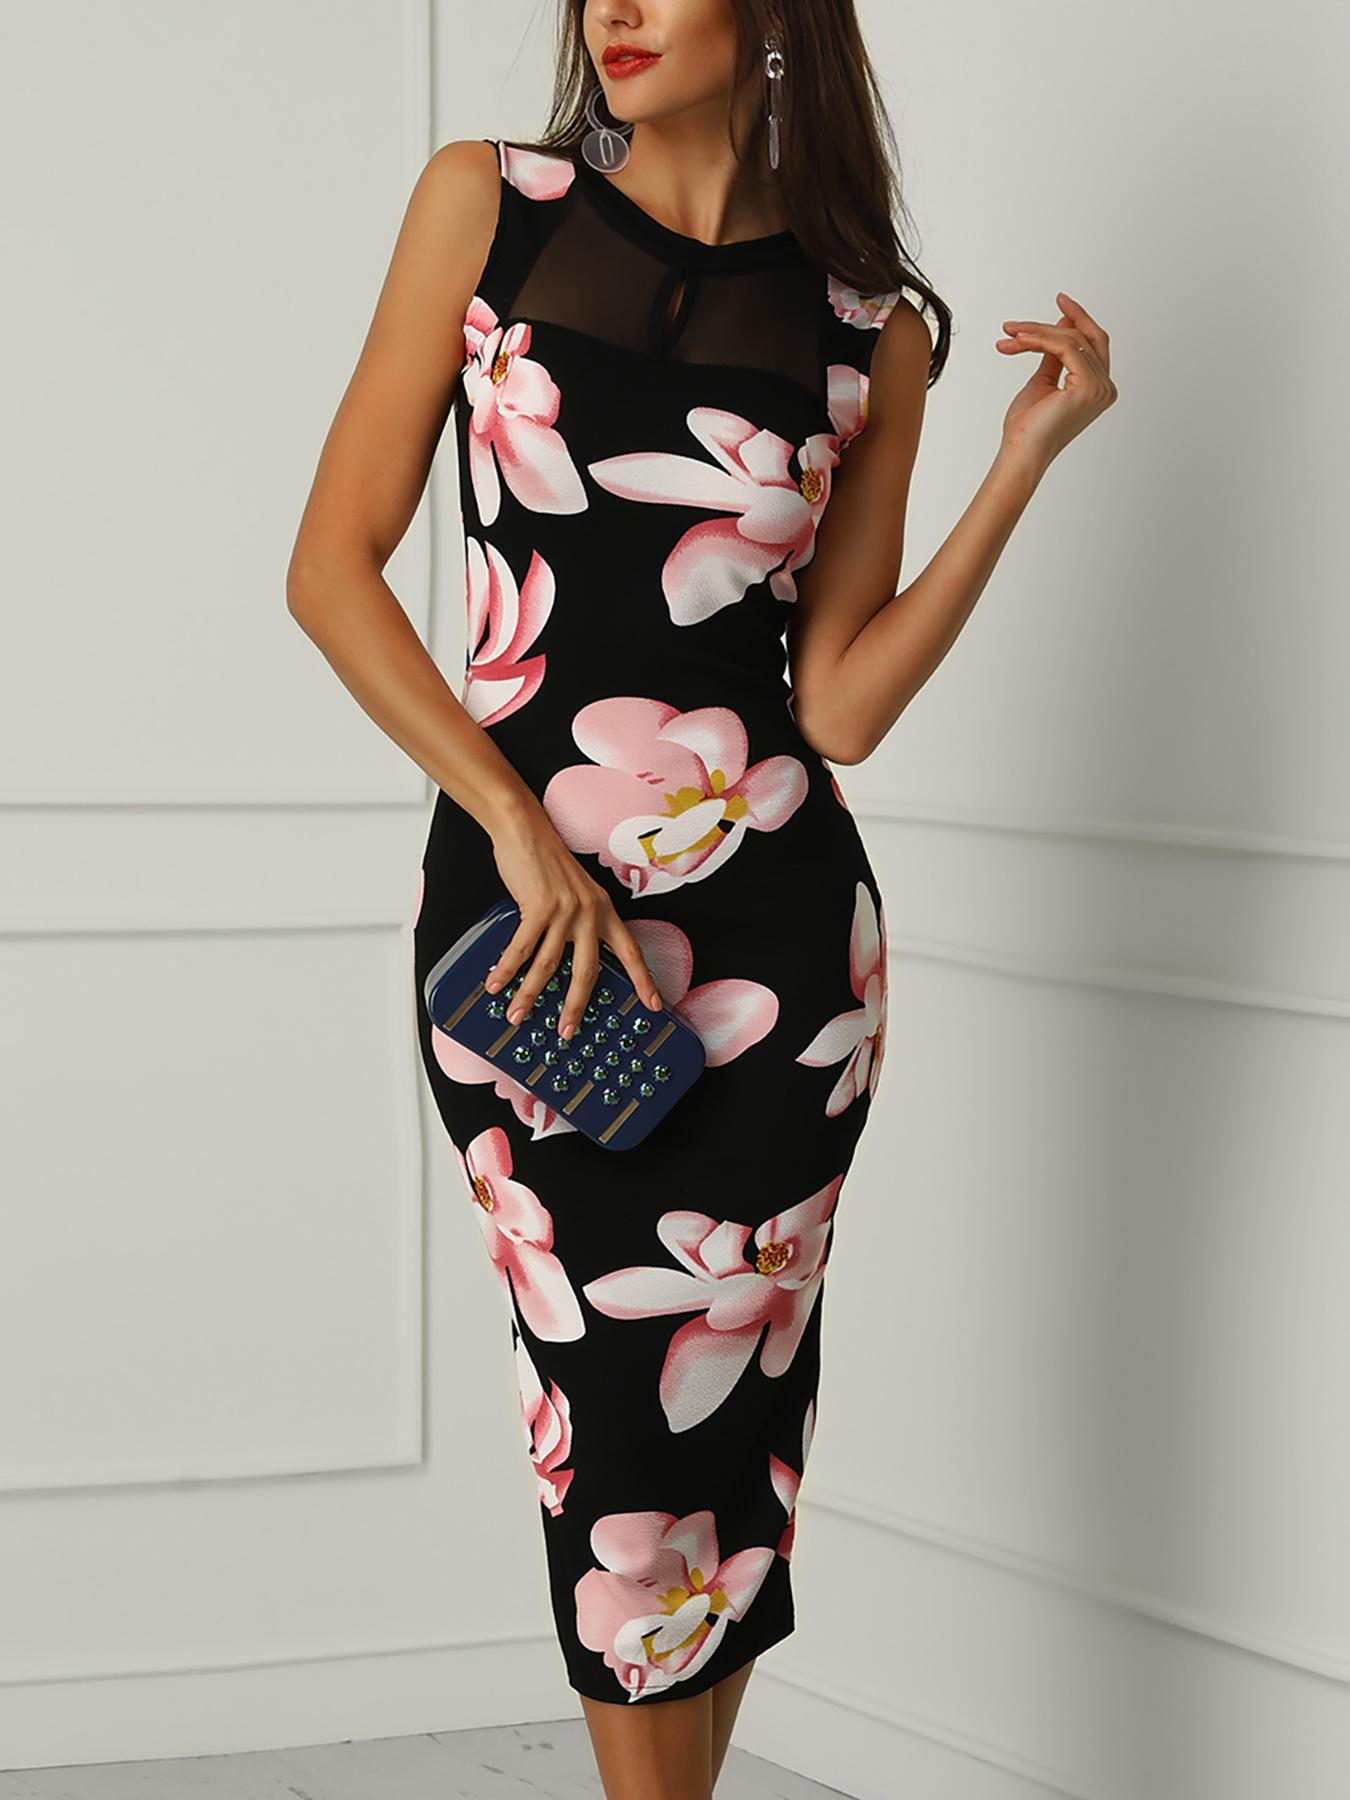 ivrose / Floral Print Mesh Splicing Slit Dress